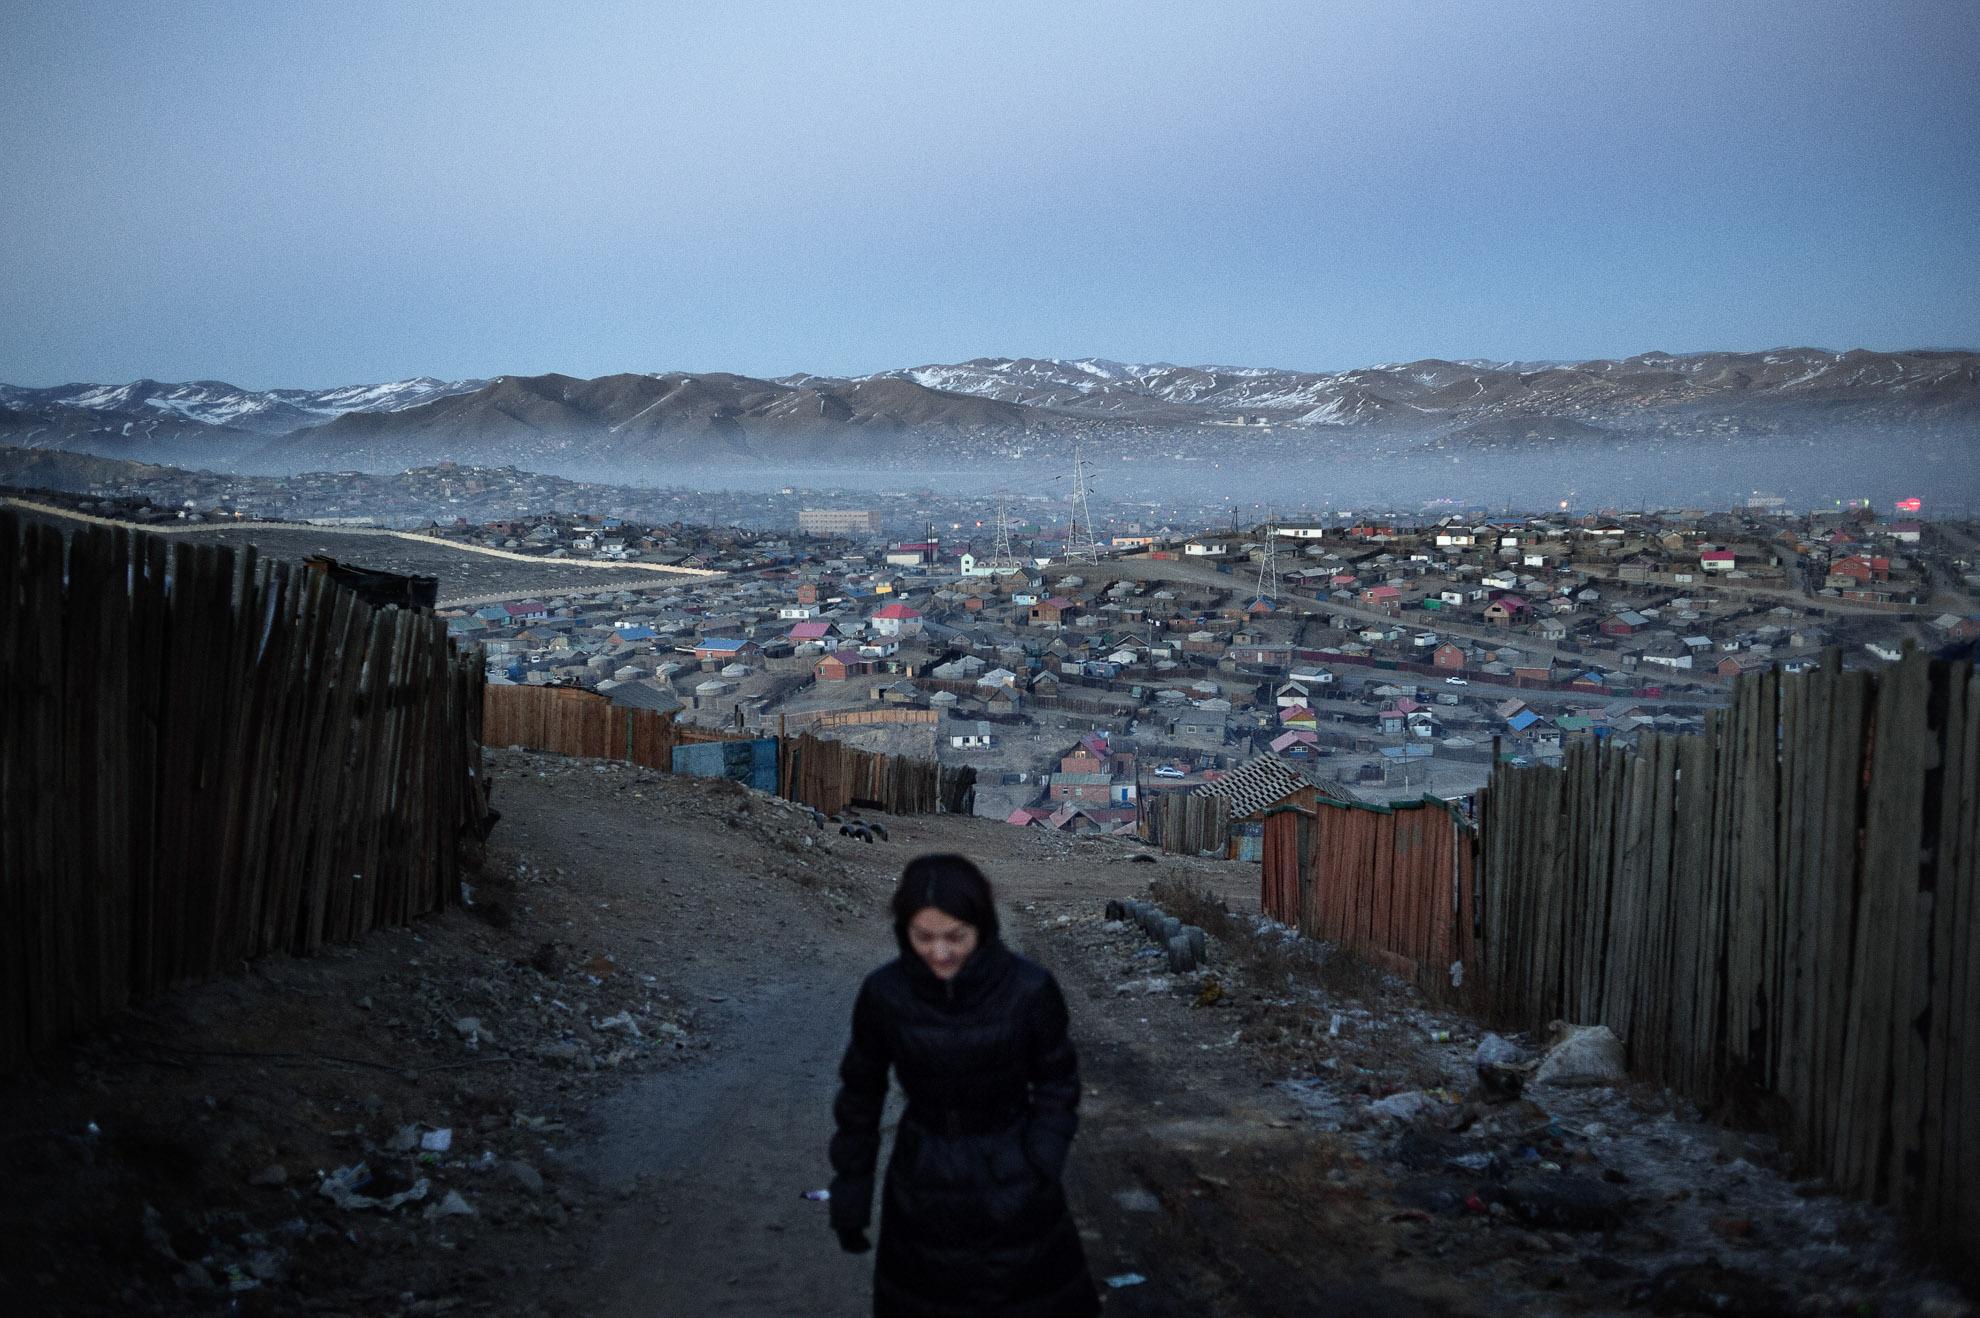 """Mongolia. Ulán Bator, vista del distrito ger. En Mongolia la mitad de la población vive hacinada en la capital, que cuenta con más de un millón doscientos mil ciudadanos. La mitad de ellos vive en el barrio marginal desarrollado alrededor de la ciudad, conocido como """"distrito ger"""", que toma su nombre de la tienda tradicional mongola llamada ger y que se extiende por toda la ciudad. En los últimos 20 años, la población de la capital se ha duplicado: esta reciente migración ambiental ha traído consigo un alto nivel de desempleo y pobreza. De hecho, el barrio de los ger se ha desarrollado sin ningún tipo de planificación urbana, agua corriente o electricidad; así, los pastores, obligados a abandonar las zonas rurales, llegan a la ciudad tras toda una vida en los pastos, no están capacitados para asumir ningún tipo de trabajo y acaban viviendo una vida de penurias."""